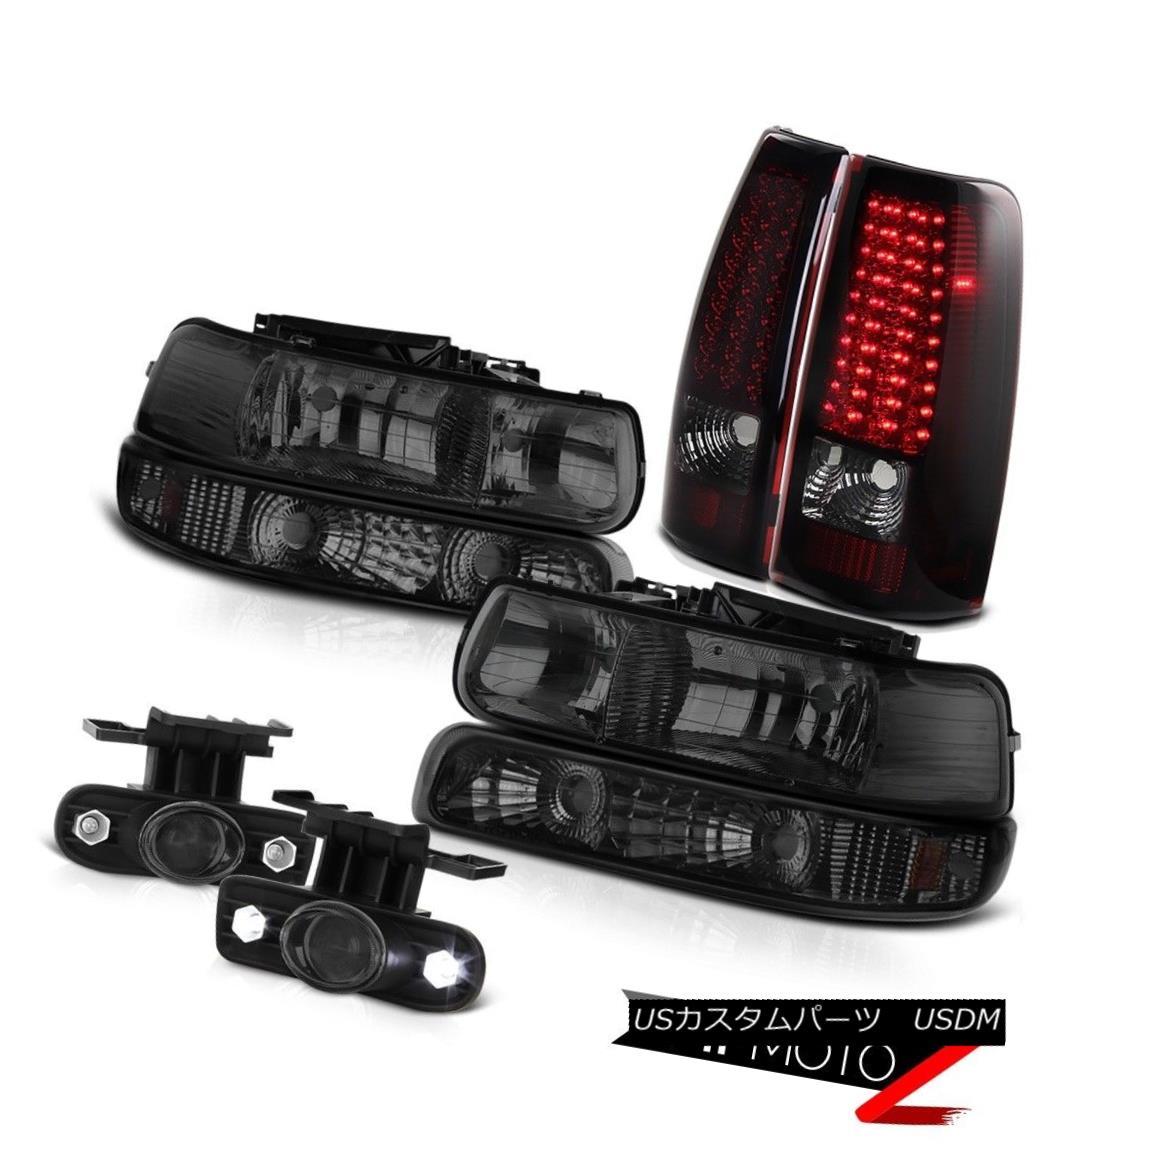 ヘッドライト 1999-2002 Chevrolet Silverado 2500 Headlamps LED Tail Light Projector Foglight 1999-2002シボレーシルバラード2500ヘッドランプLEDテールライトプロジェクターフォグライト